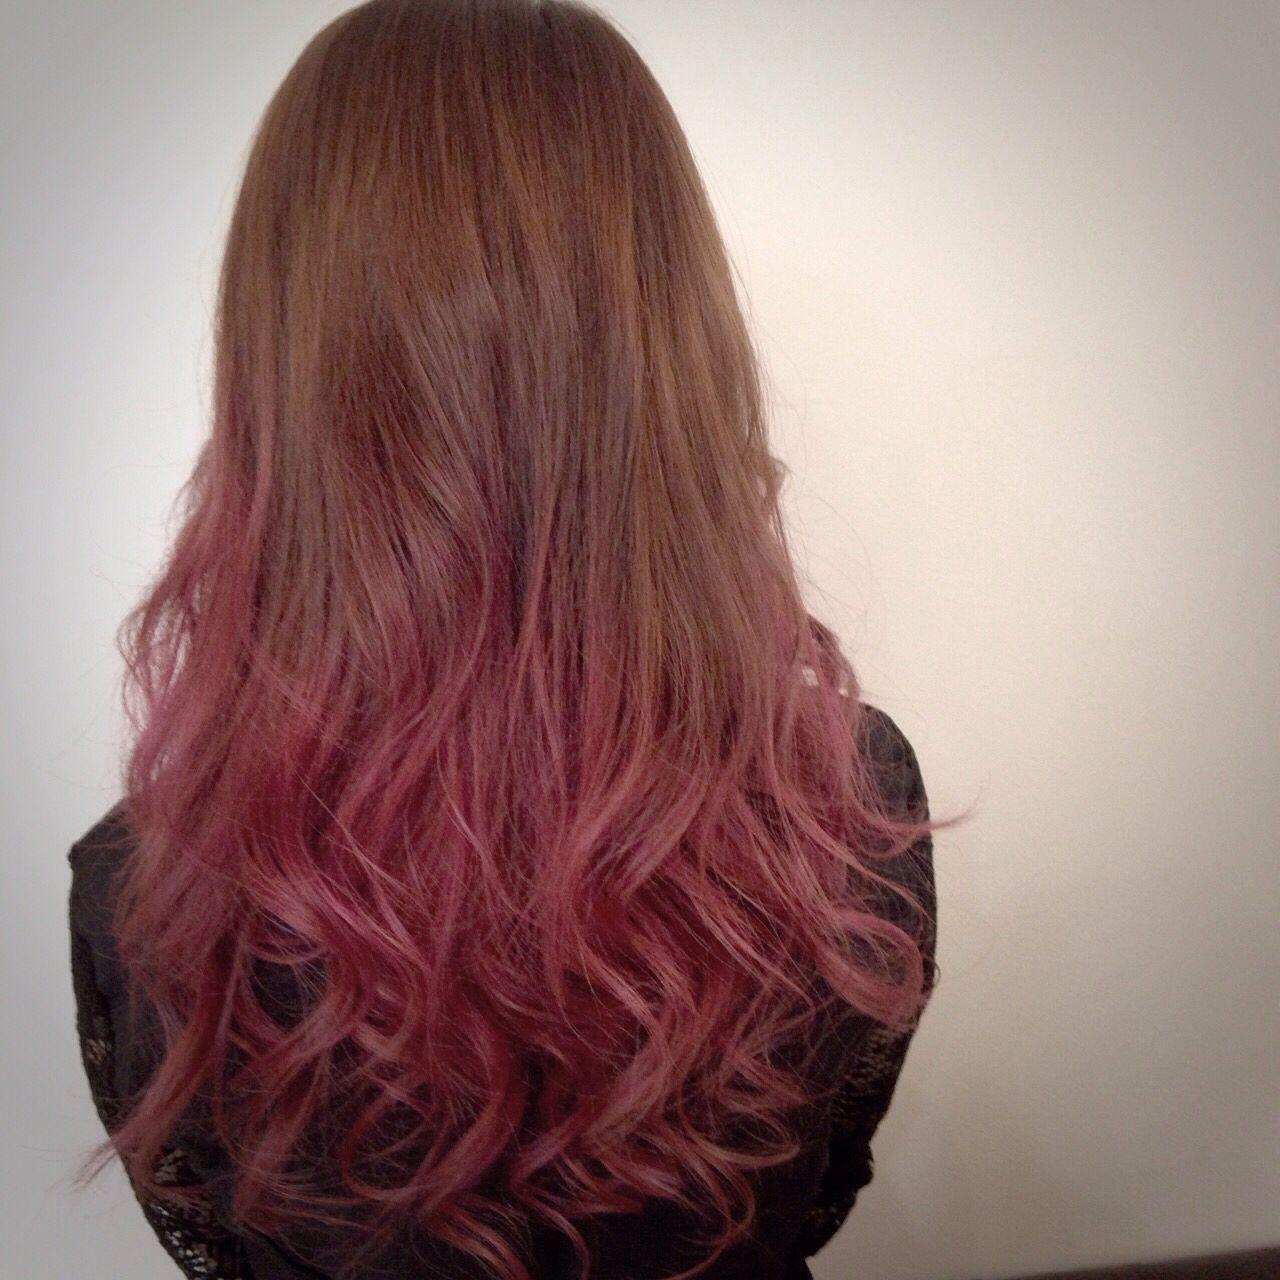 夏の髪色、もう決まった?可愛すぎて気分底上げのヘアカラーをご紹介♪ 長岡 可奈子